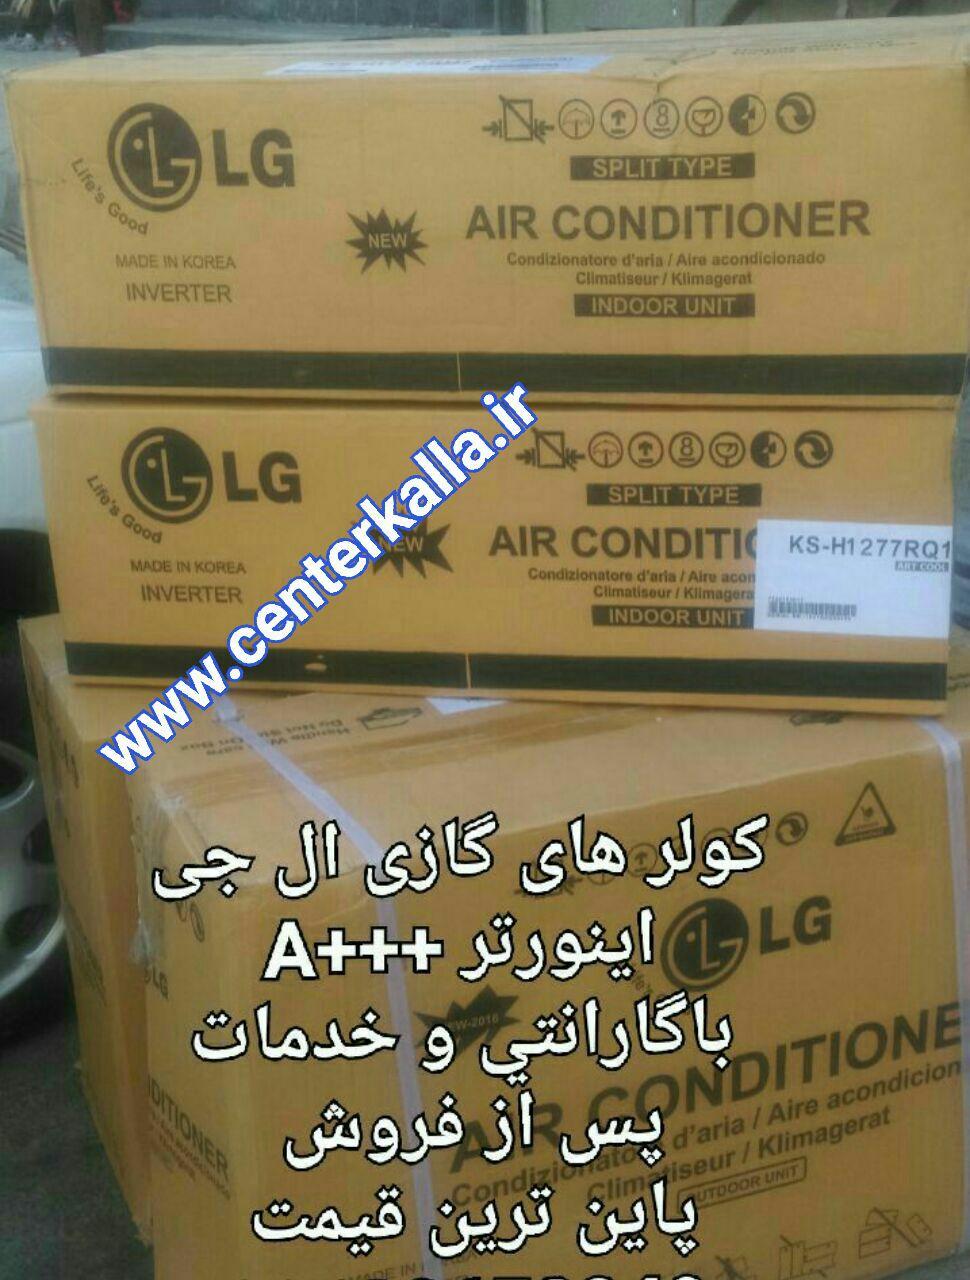 کولرگازی ال جی سرما+گرما اینورترA+++ مصرف50%کمتر 5 متر لوله و کابل رایگان